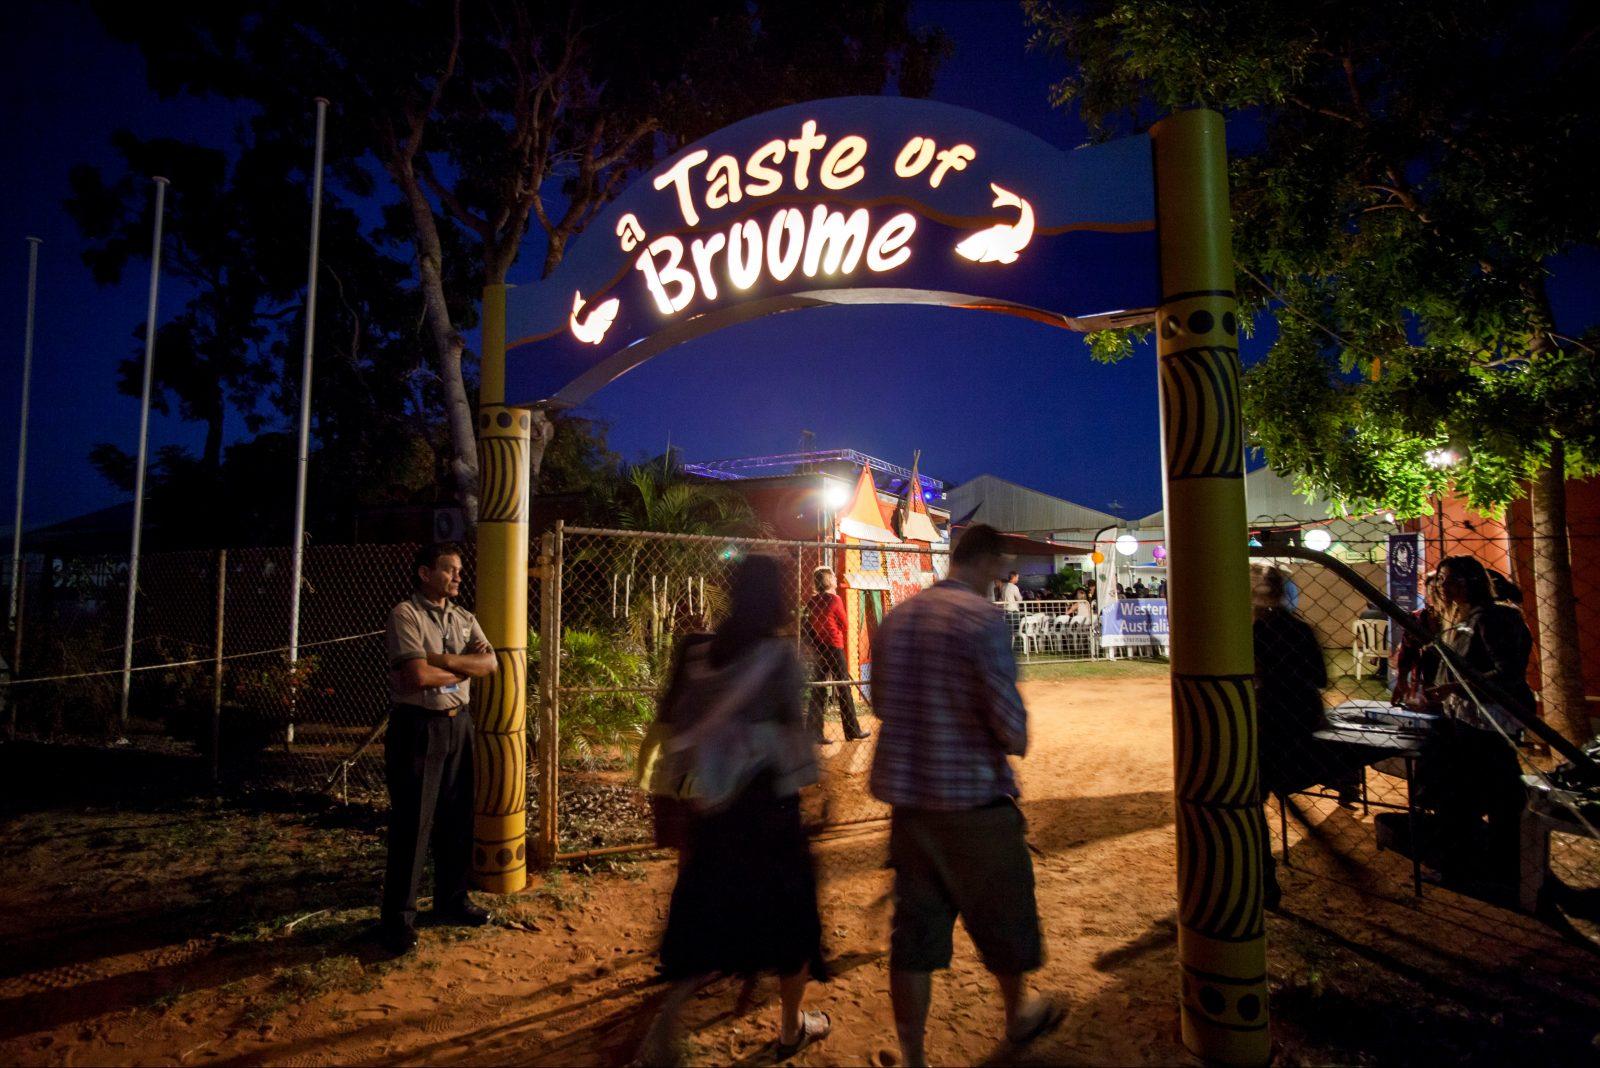 A Taste of Broome, Broome, Western Australia